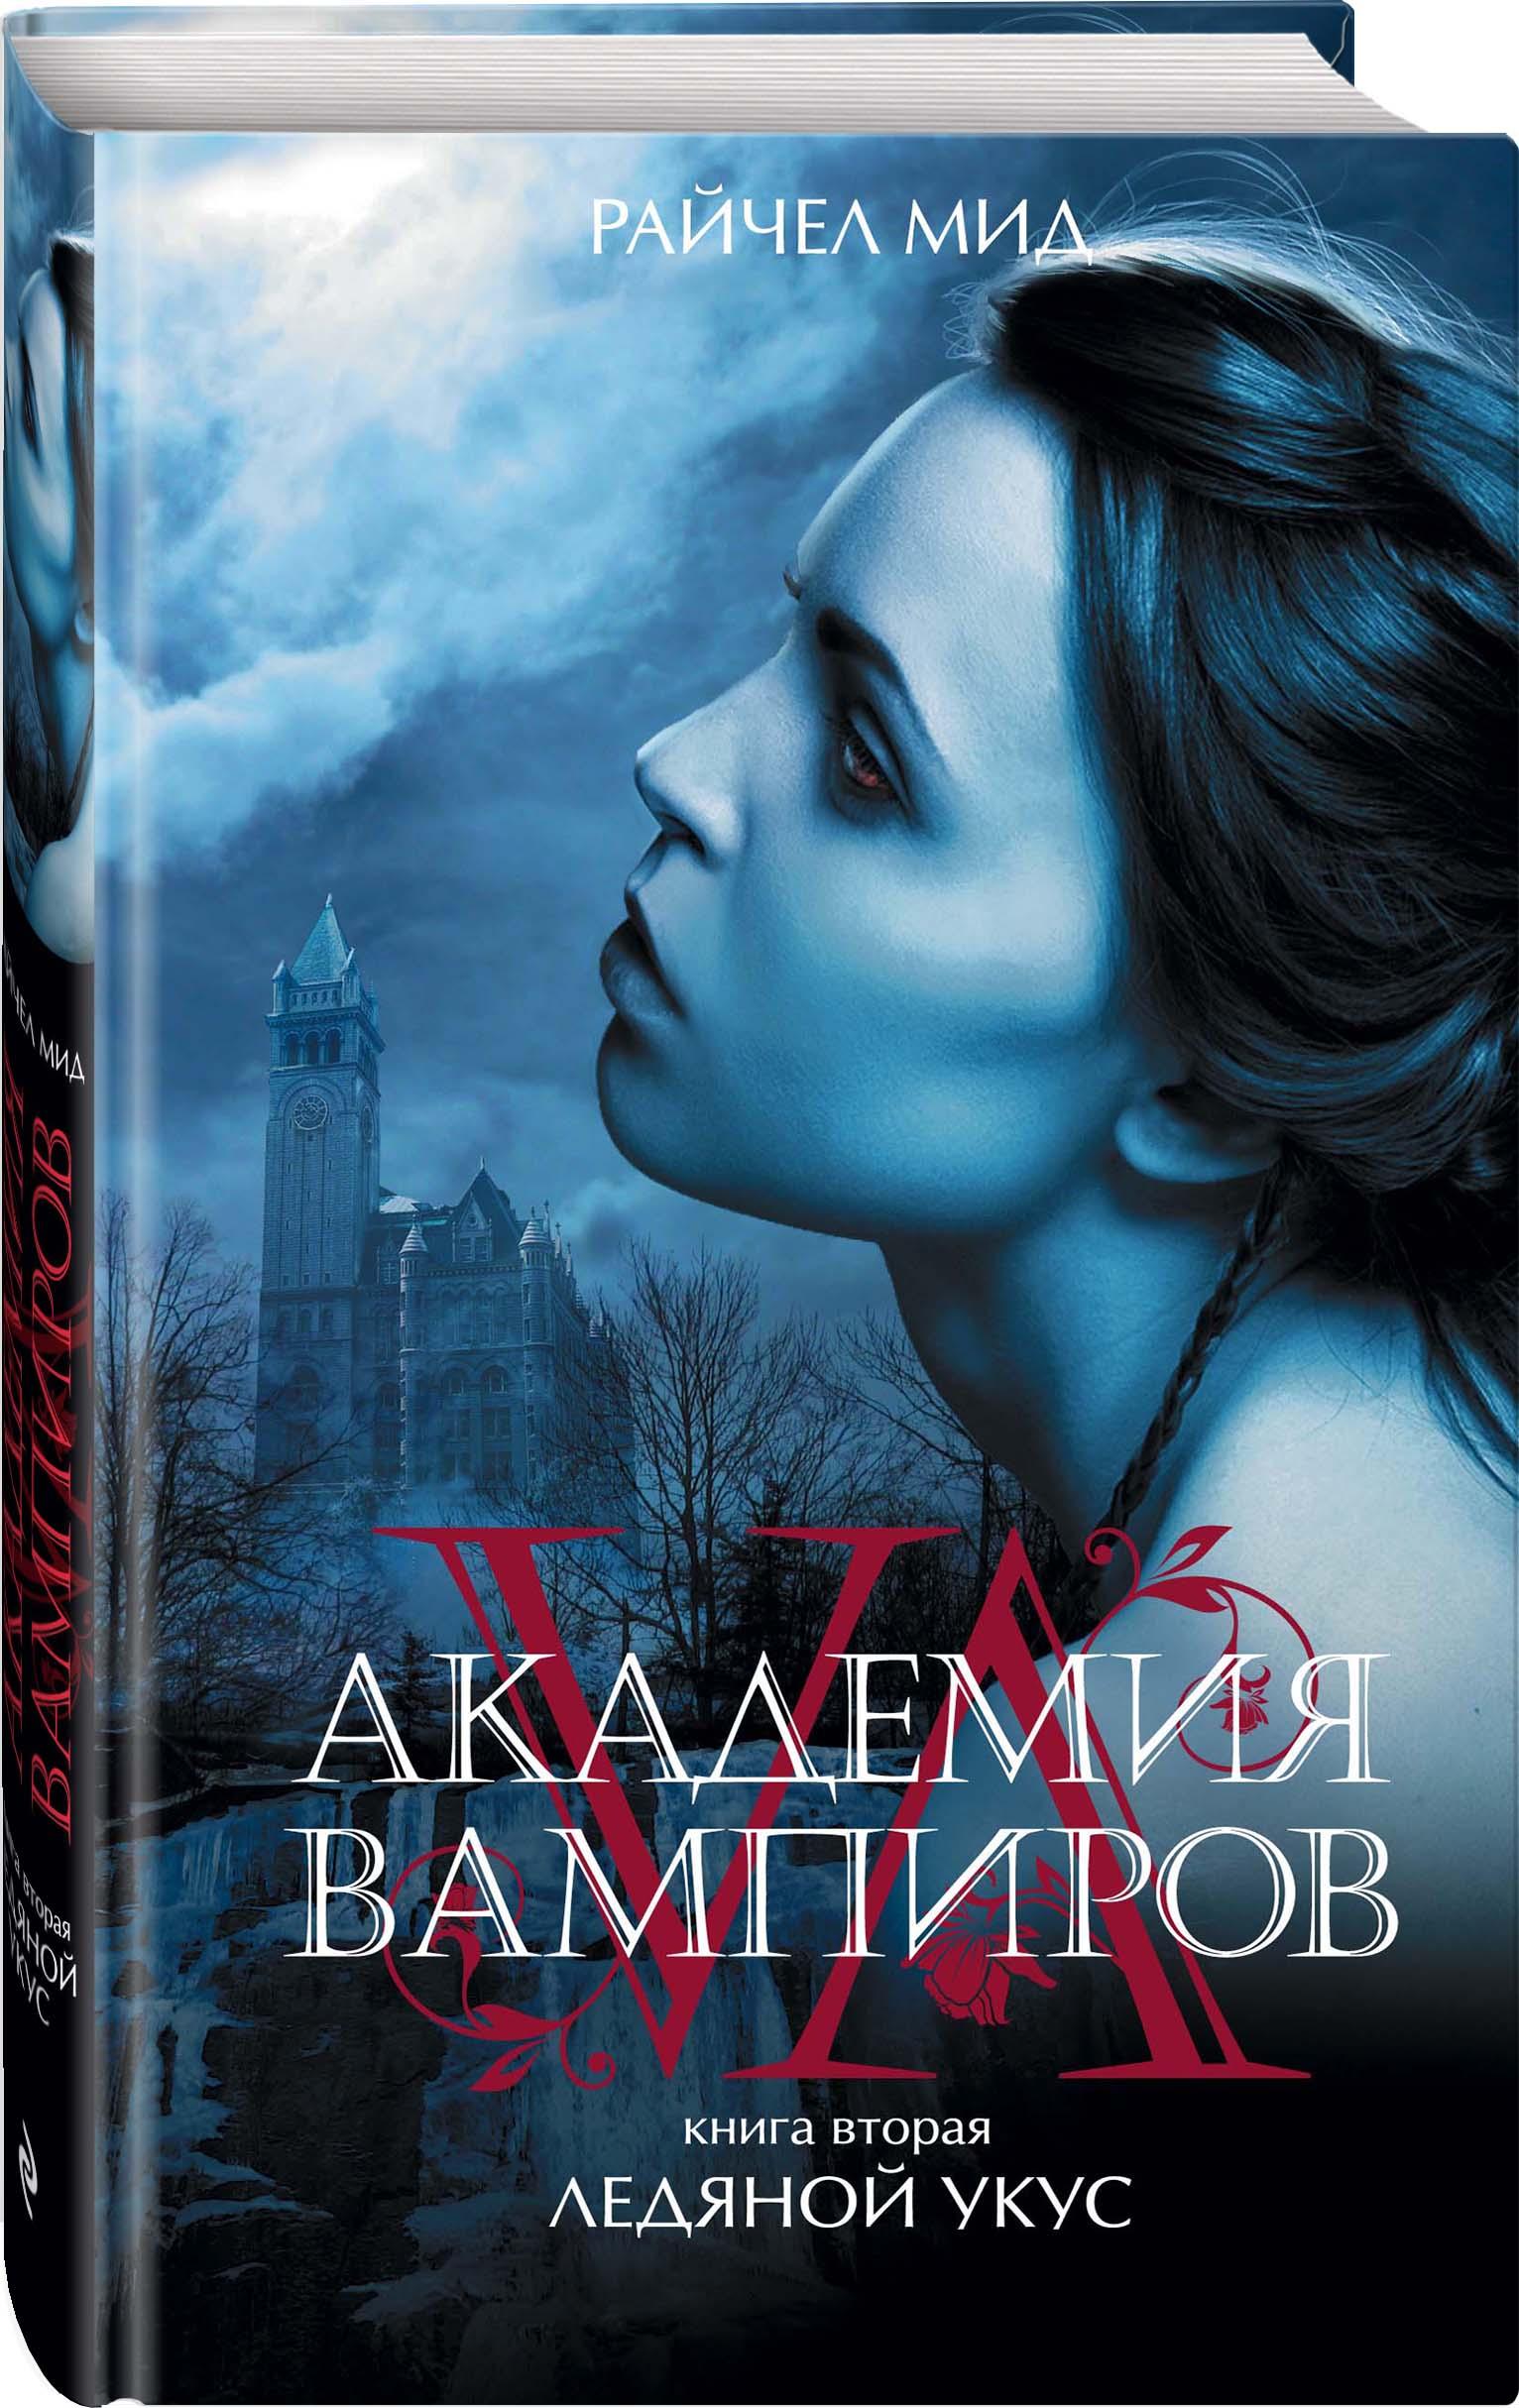 Райчел Мид Академия вампиров. Книга 2. Ледяной укус